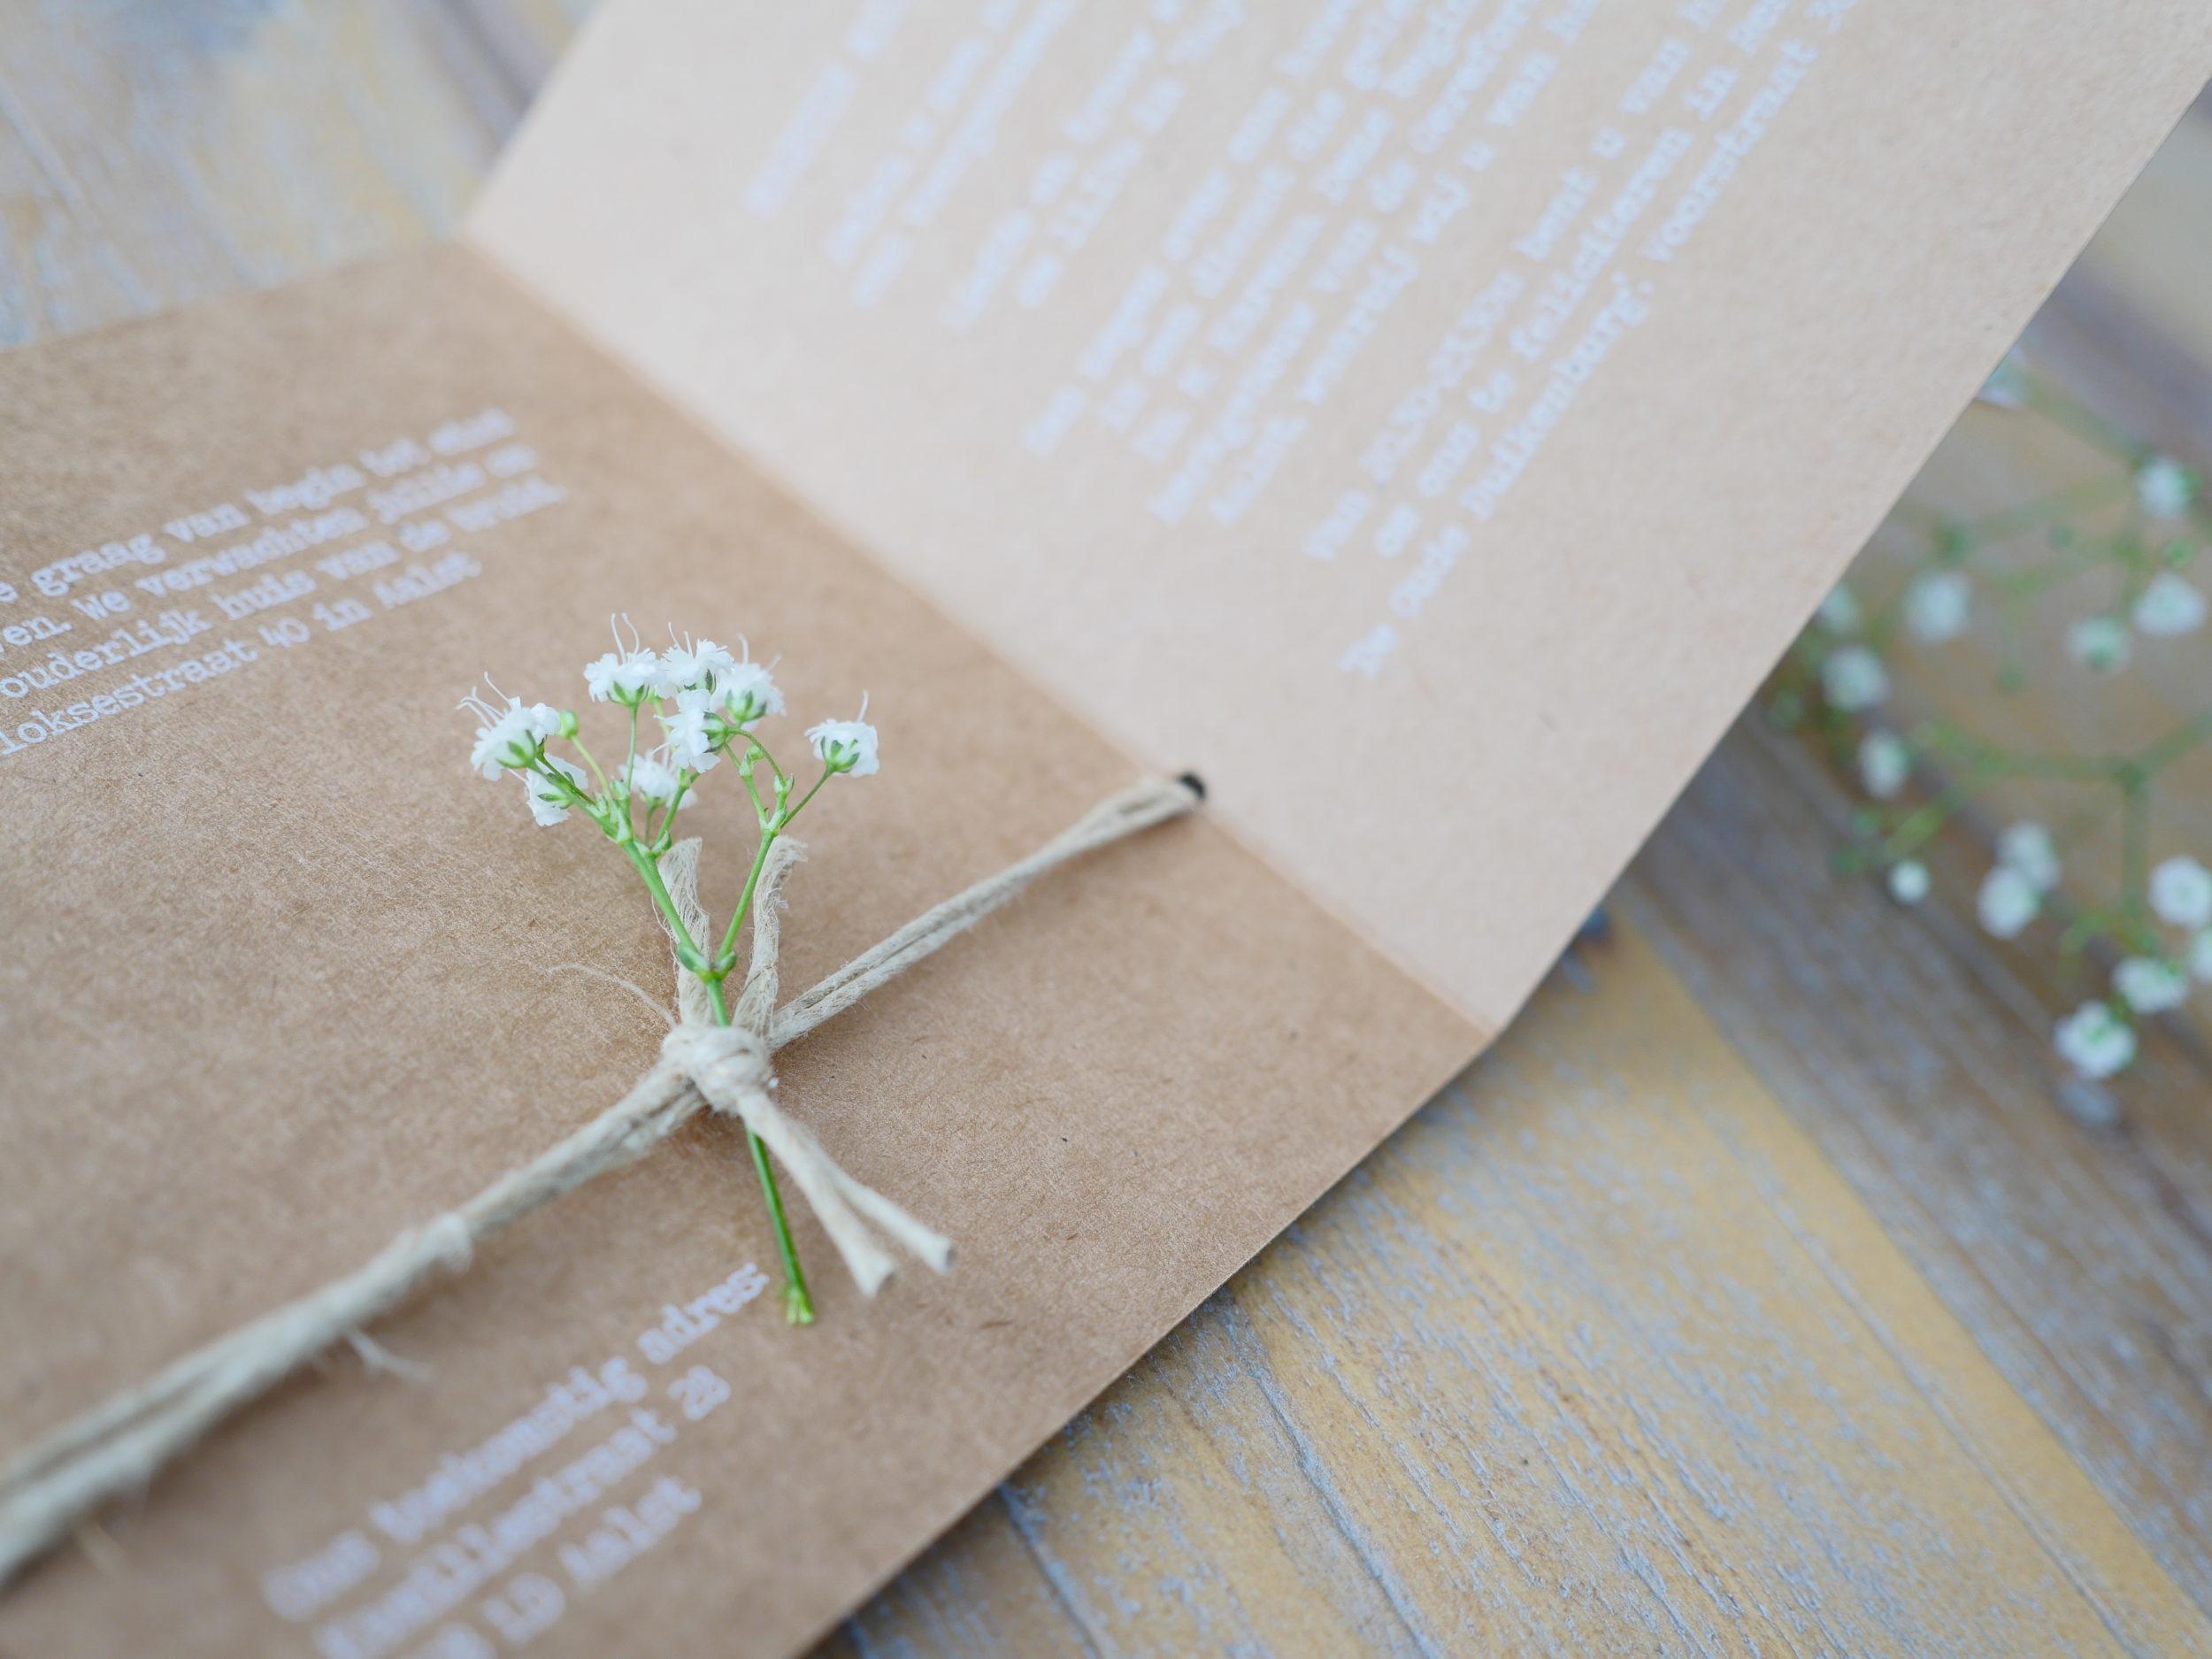 Deze romantische trouwkaart heeft een rustieke en natuurlijke uitstraling dankzij het label dat met touw vastgeknoopt wordt aan de kaart.Stijlvol door het gebruik van witte inkt op echt kraftkarton.Het touw, takje gipskruid en de bijpassende sluitsticker maken het helemaal af.